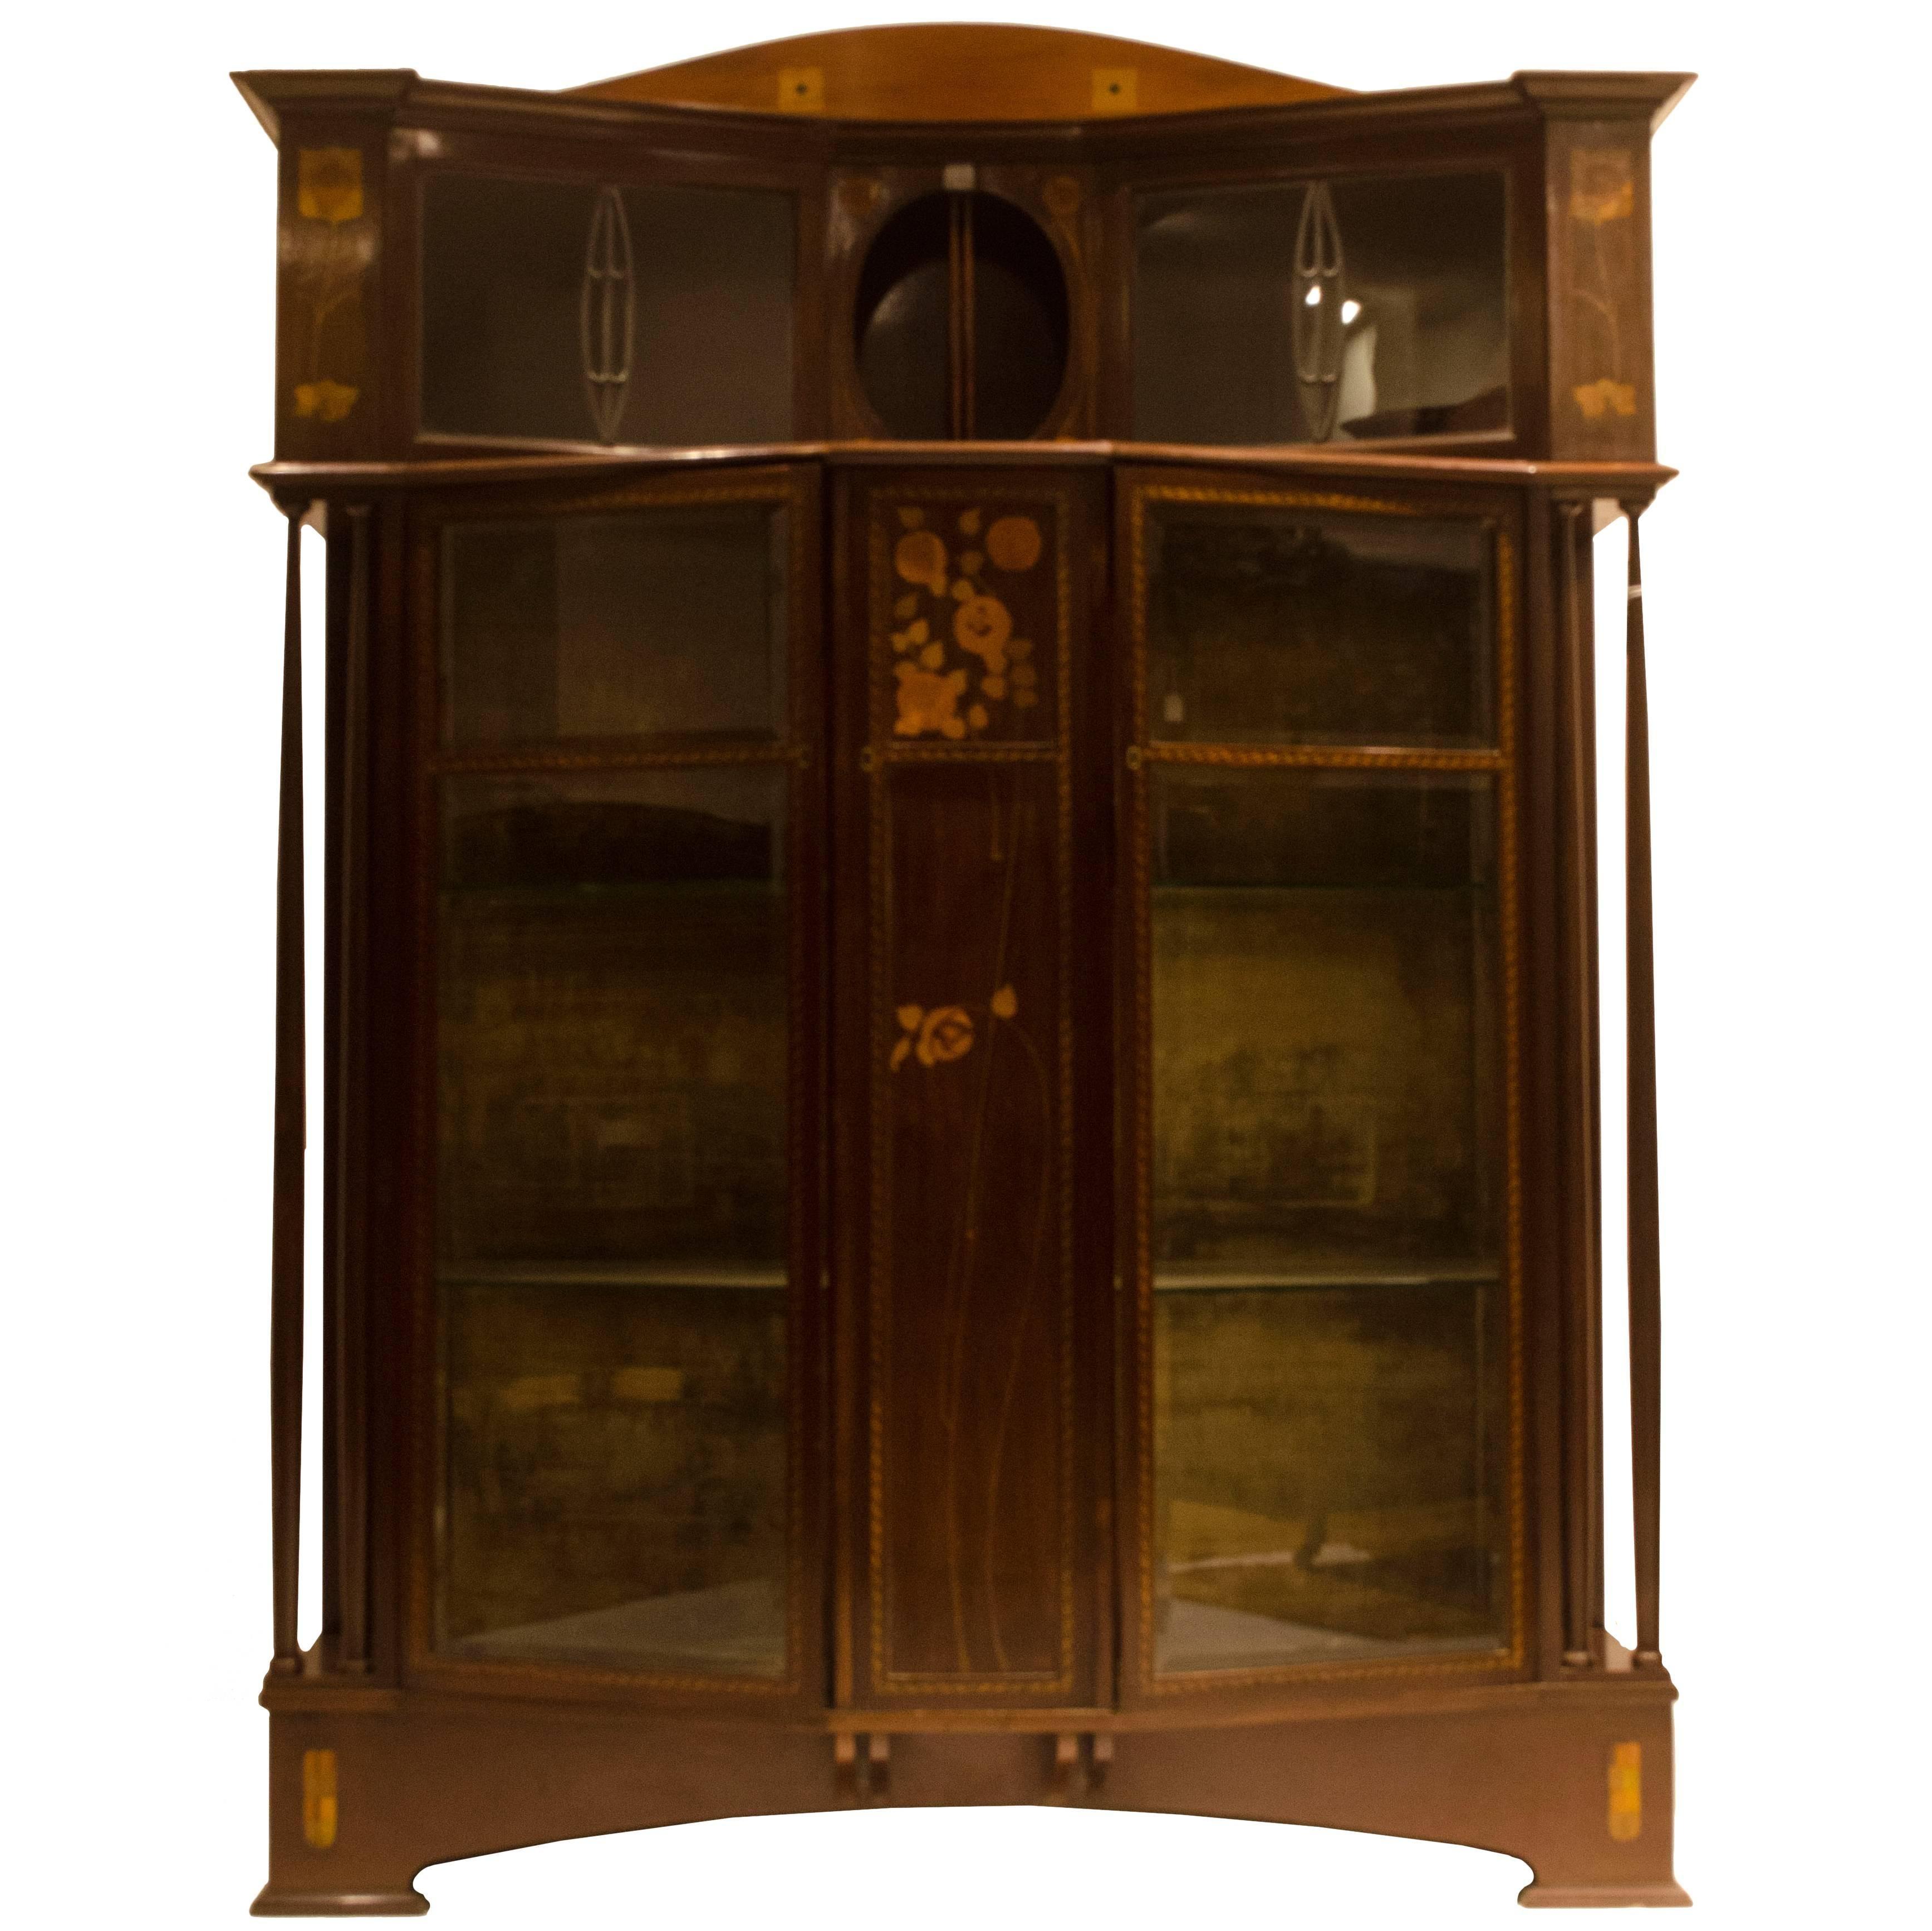 Arts & Crafts Mahogany & Inlaid Display Cabinet by E. Goodall